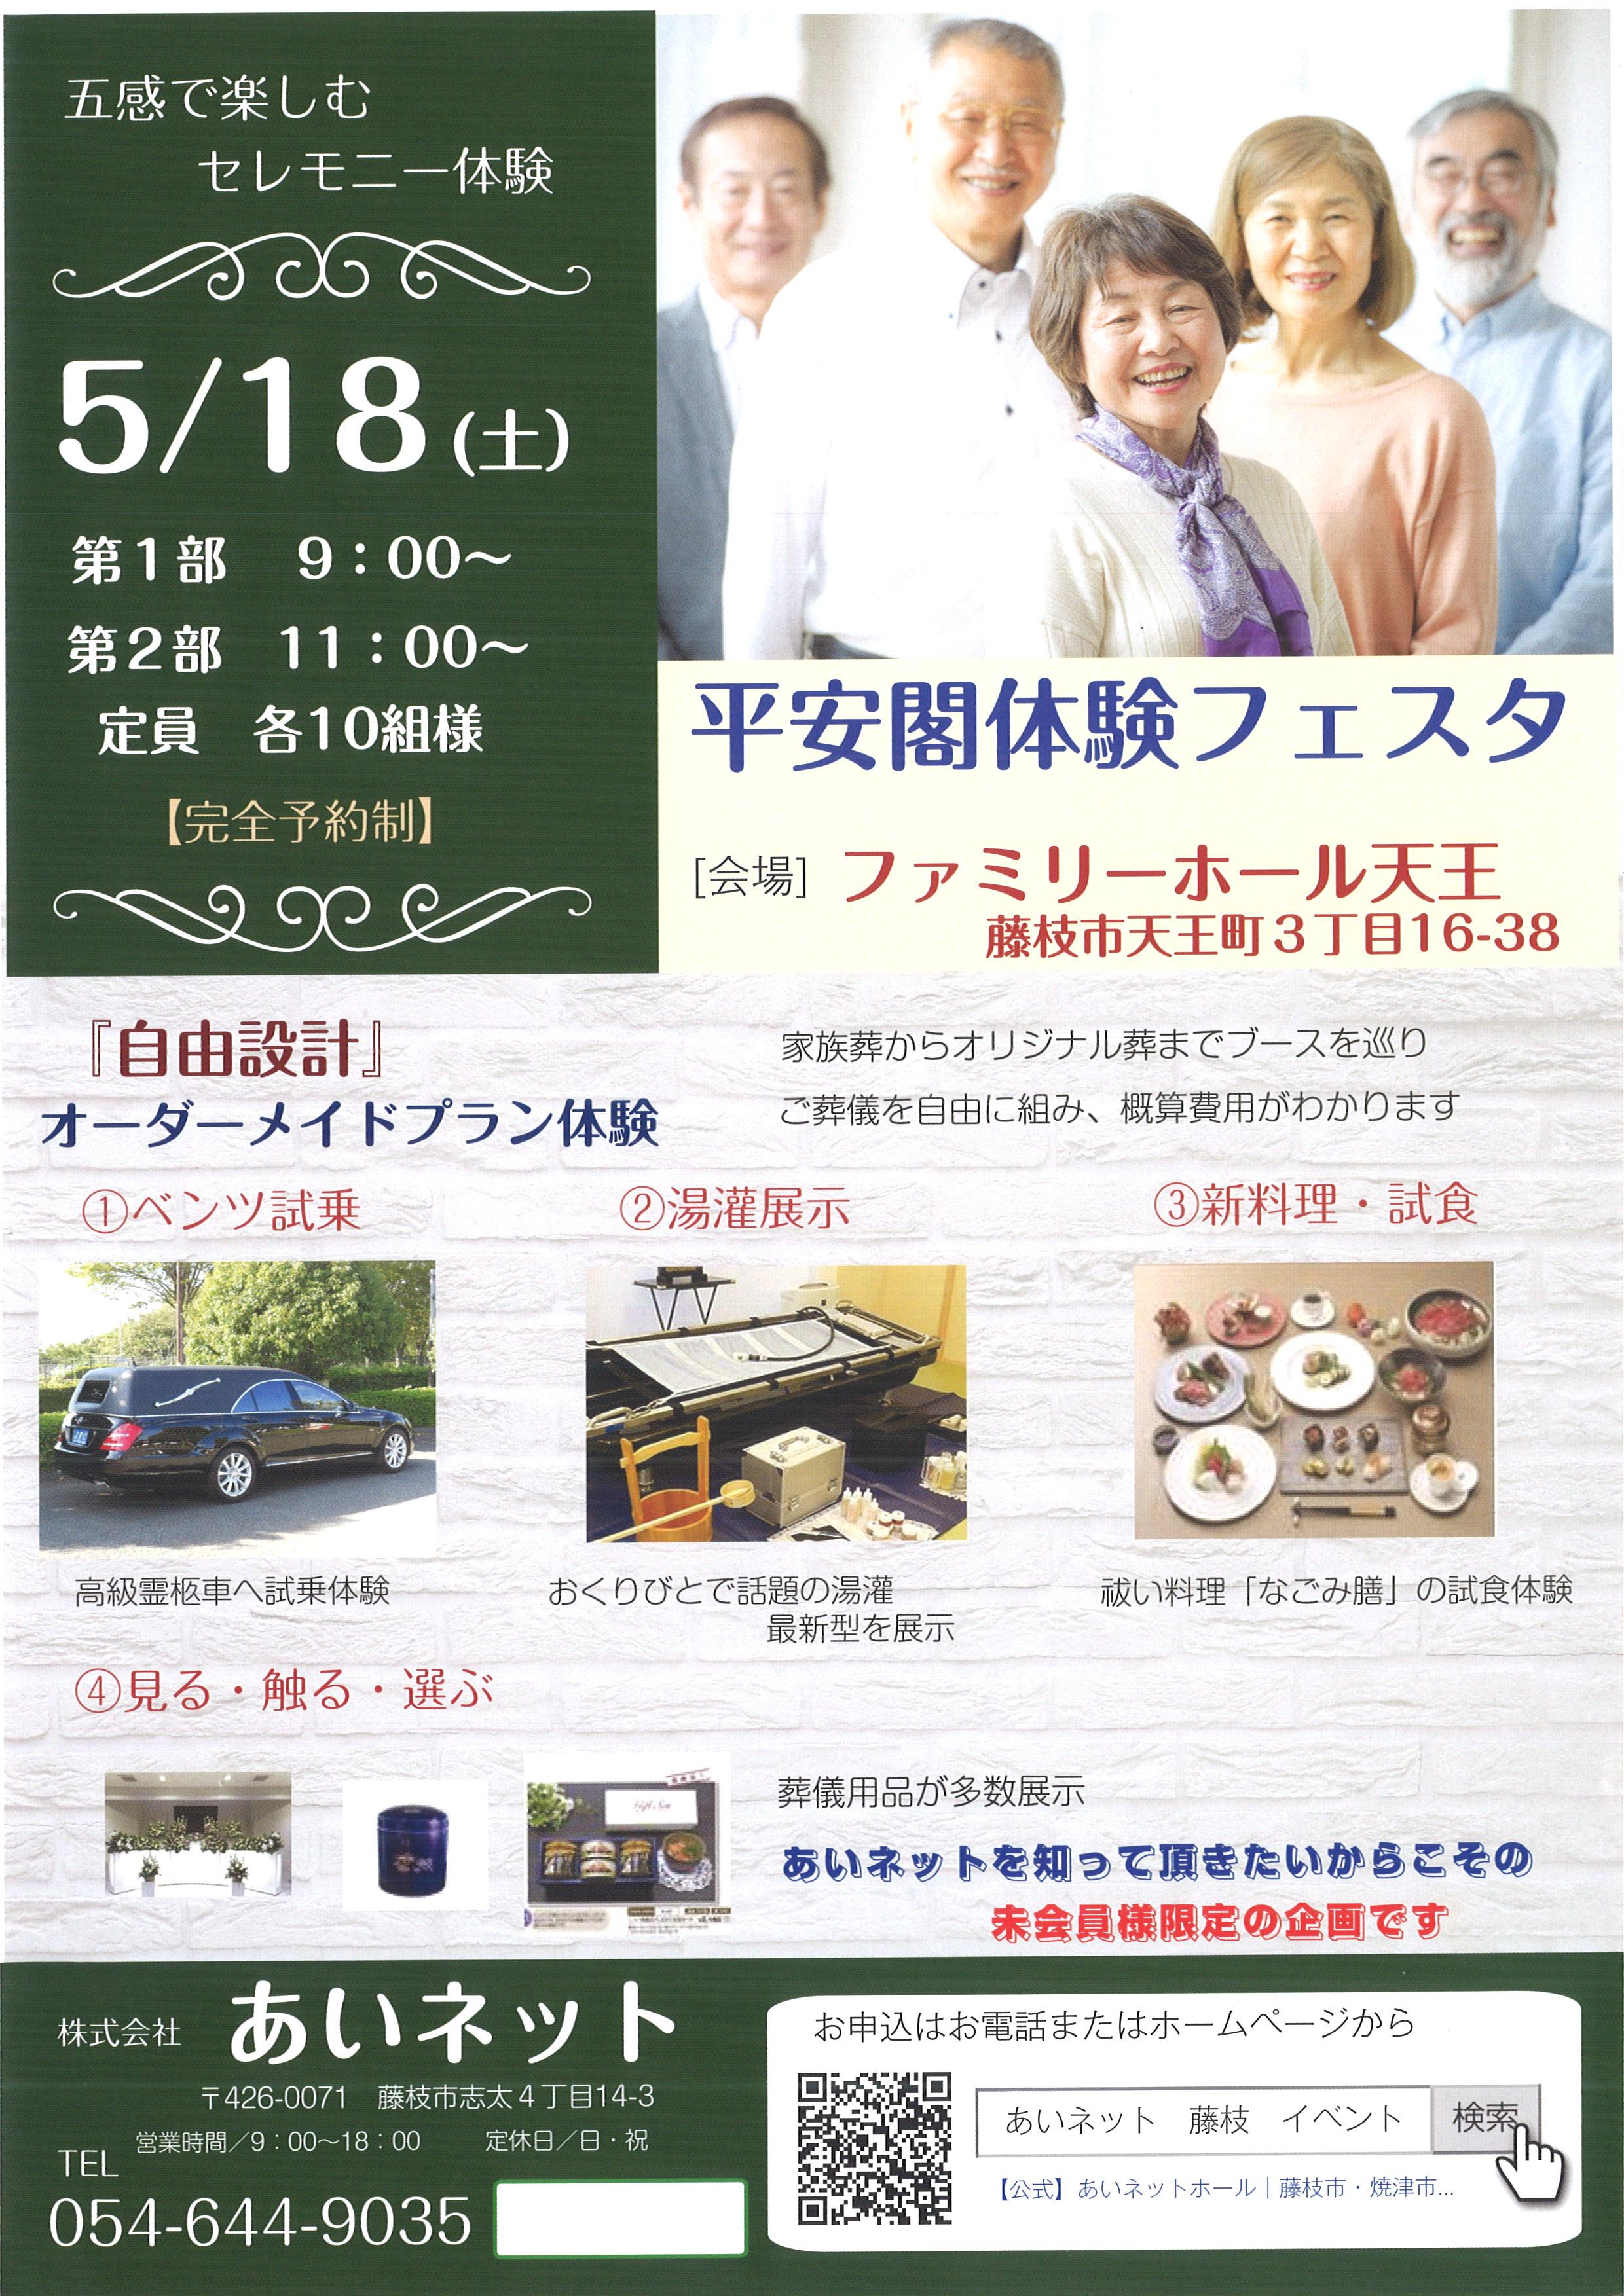 5月18日 体験型イベント開催!